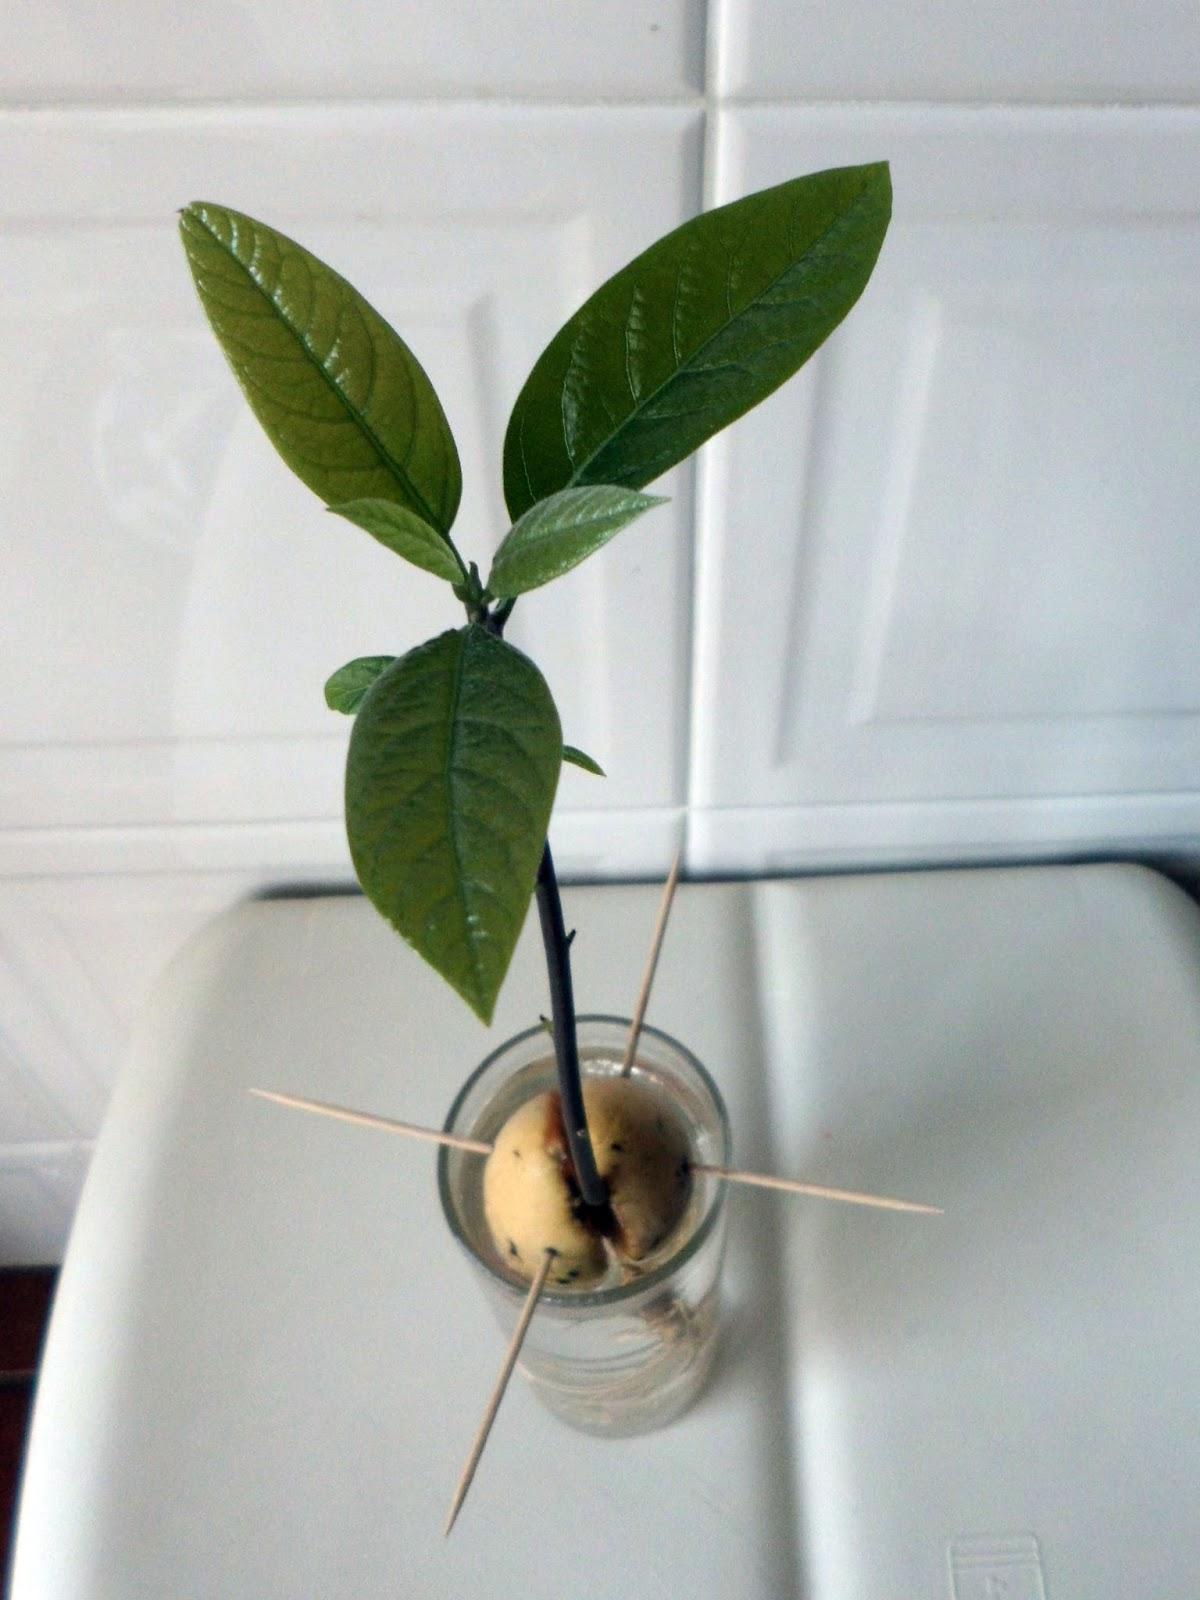 Preferência PALAVRAS CRUZADAS COM (quase) TUDO!: O caroço de abacate germinou  ST63